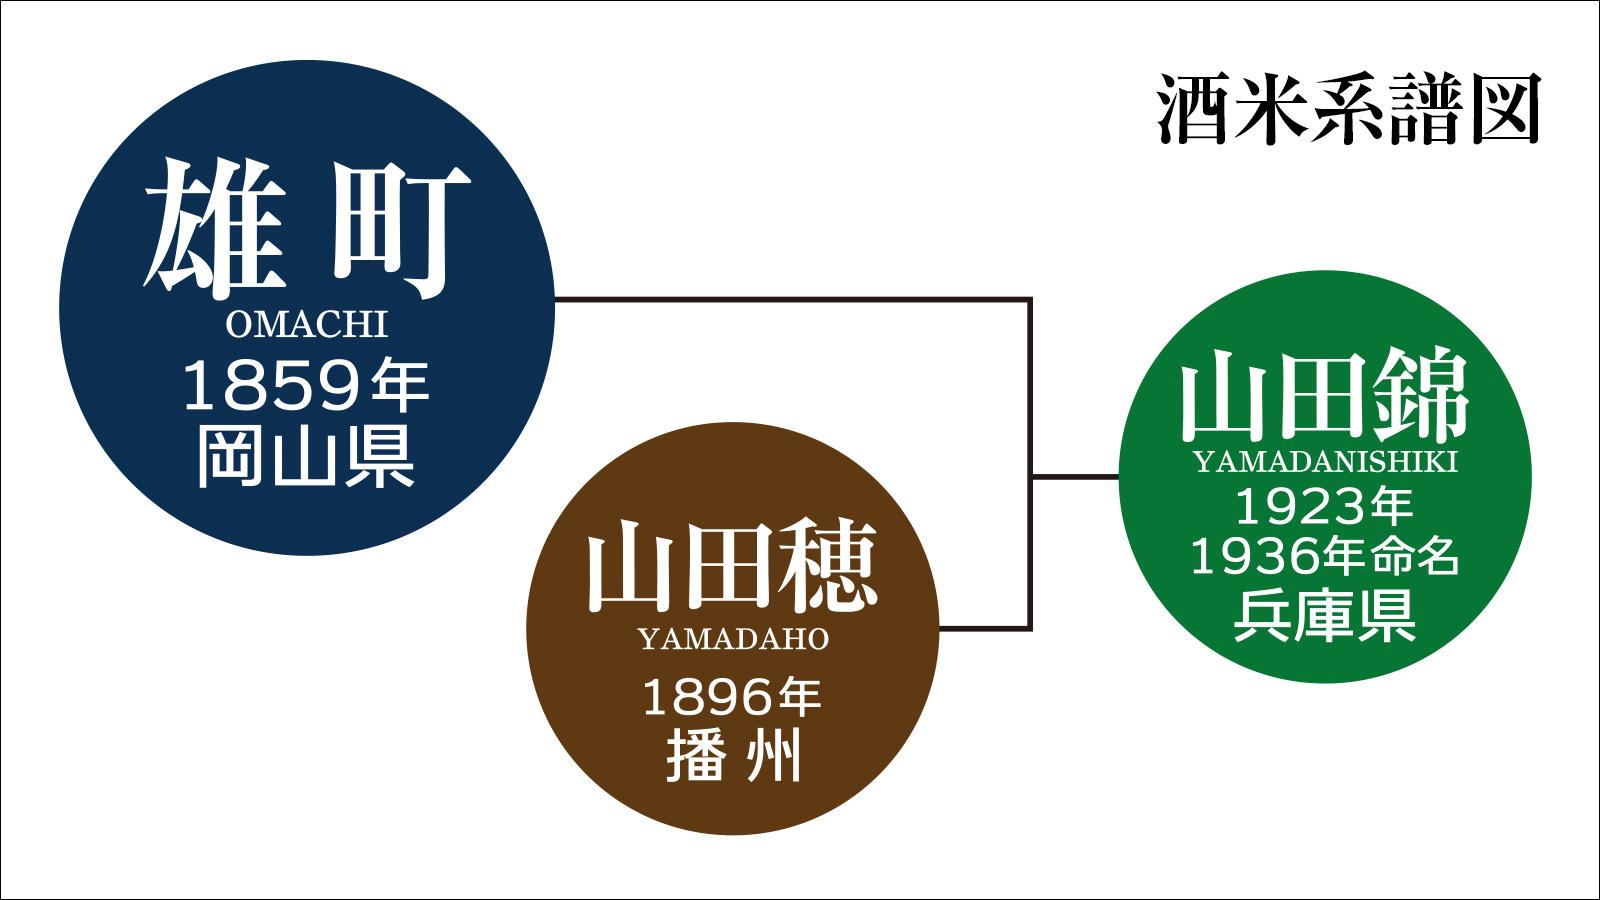 「雄町」は、山田錦の親にあたる日本最古の混血のない原生種